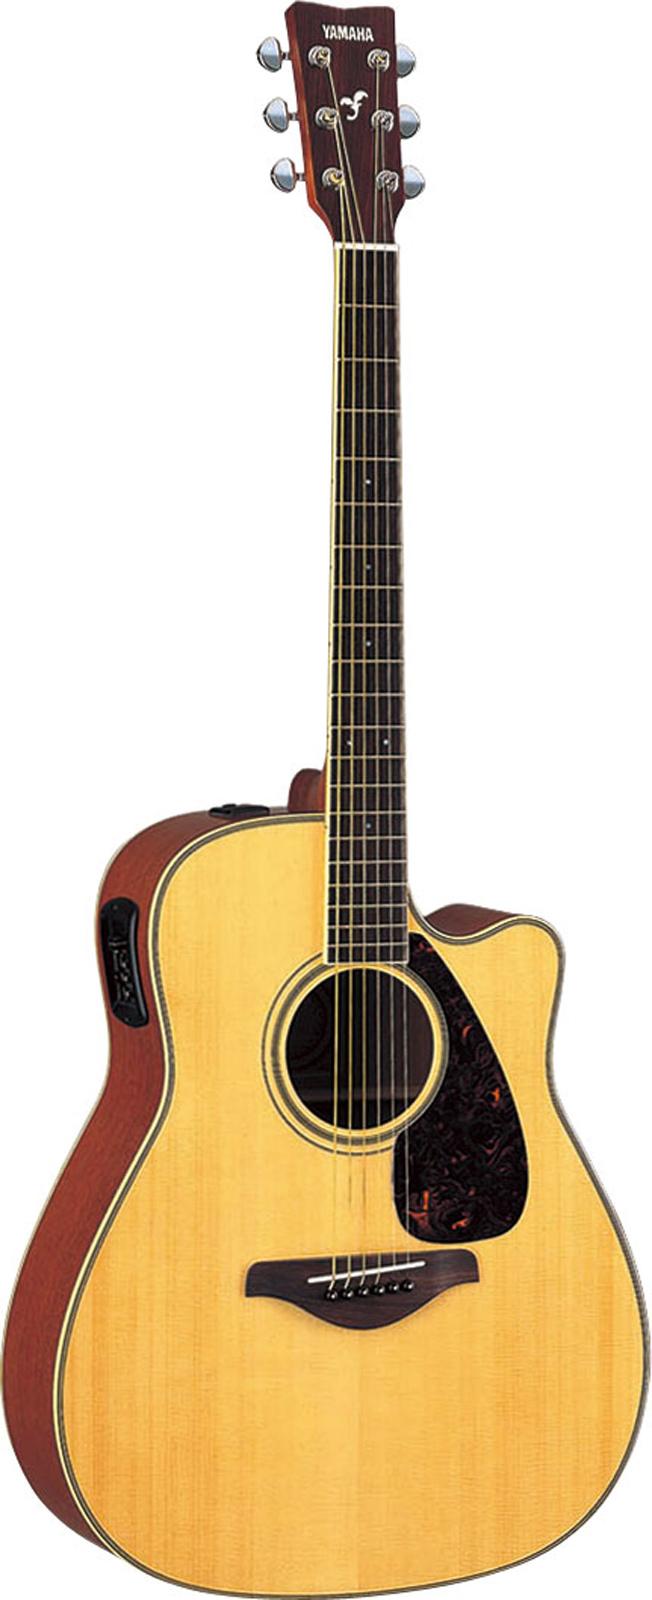 Yamaha Fgx720scii Natural